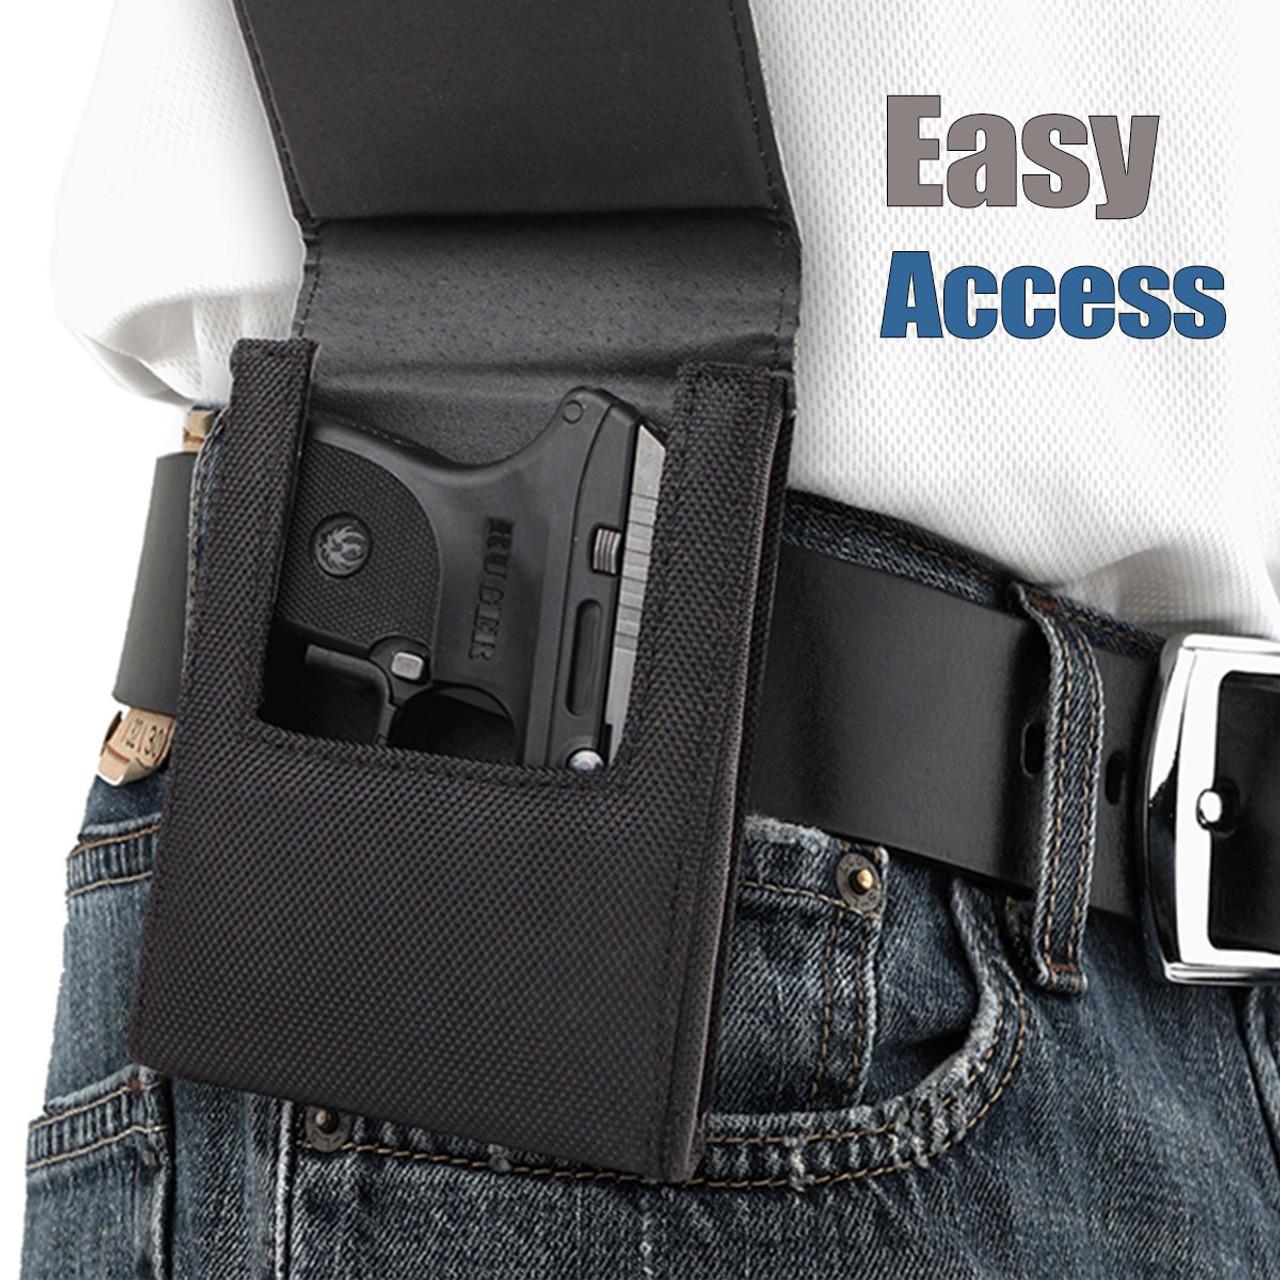 Bodyguard .38 Special Concealed Carry Holster (Belt Loop)